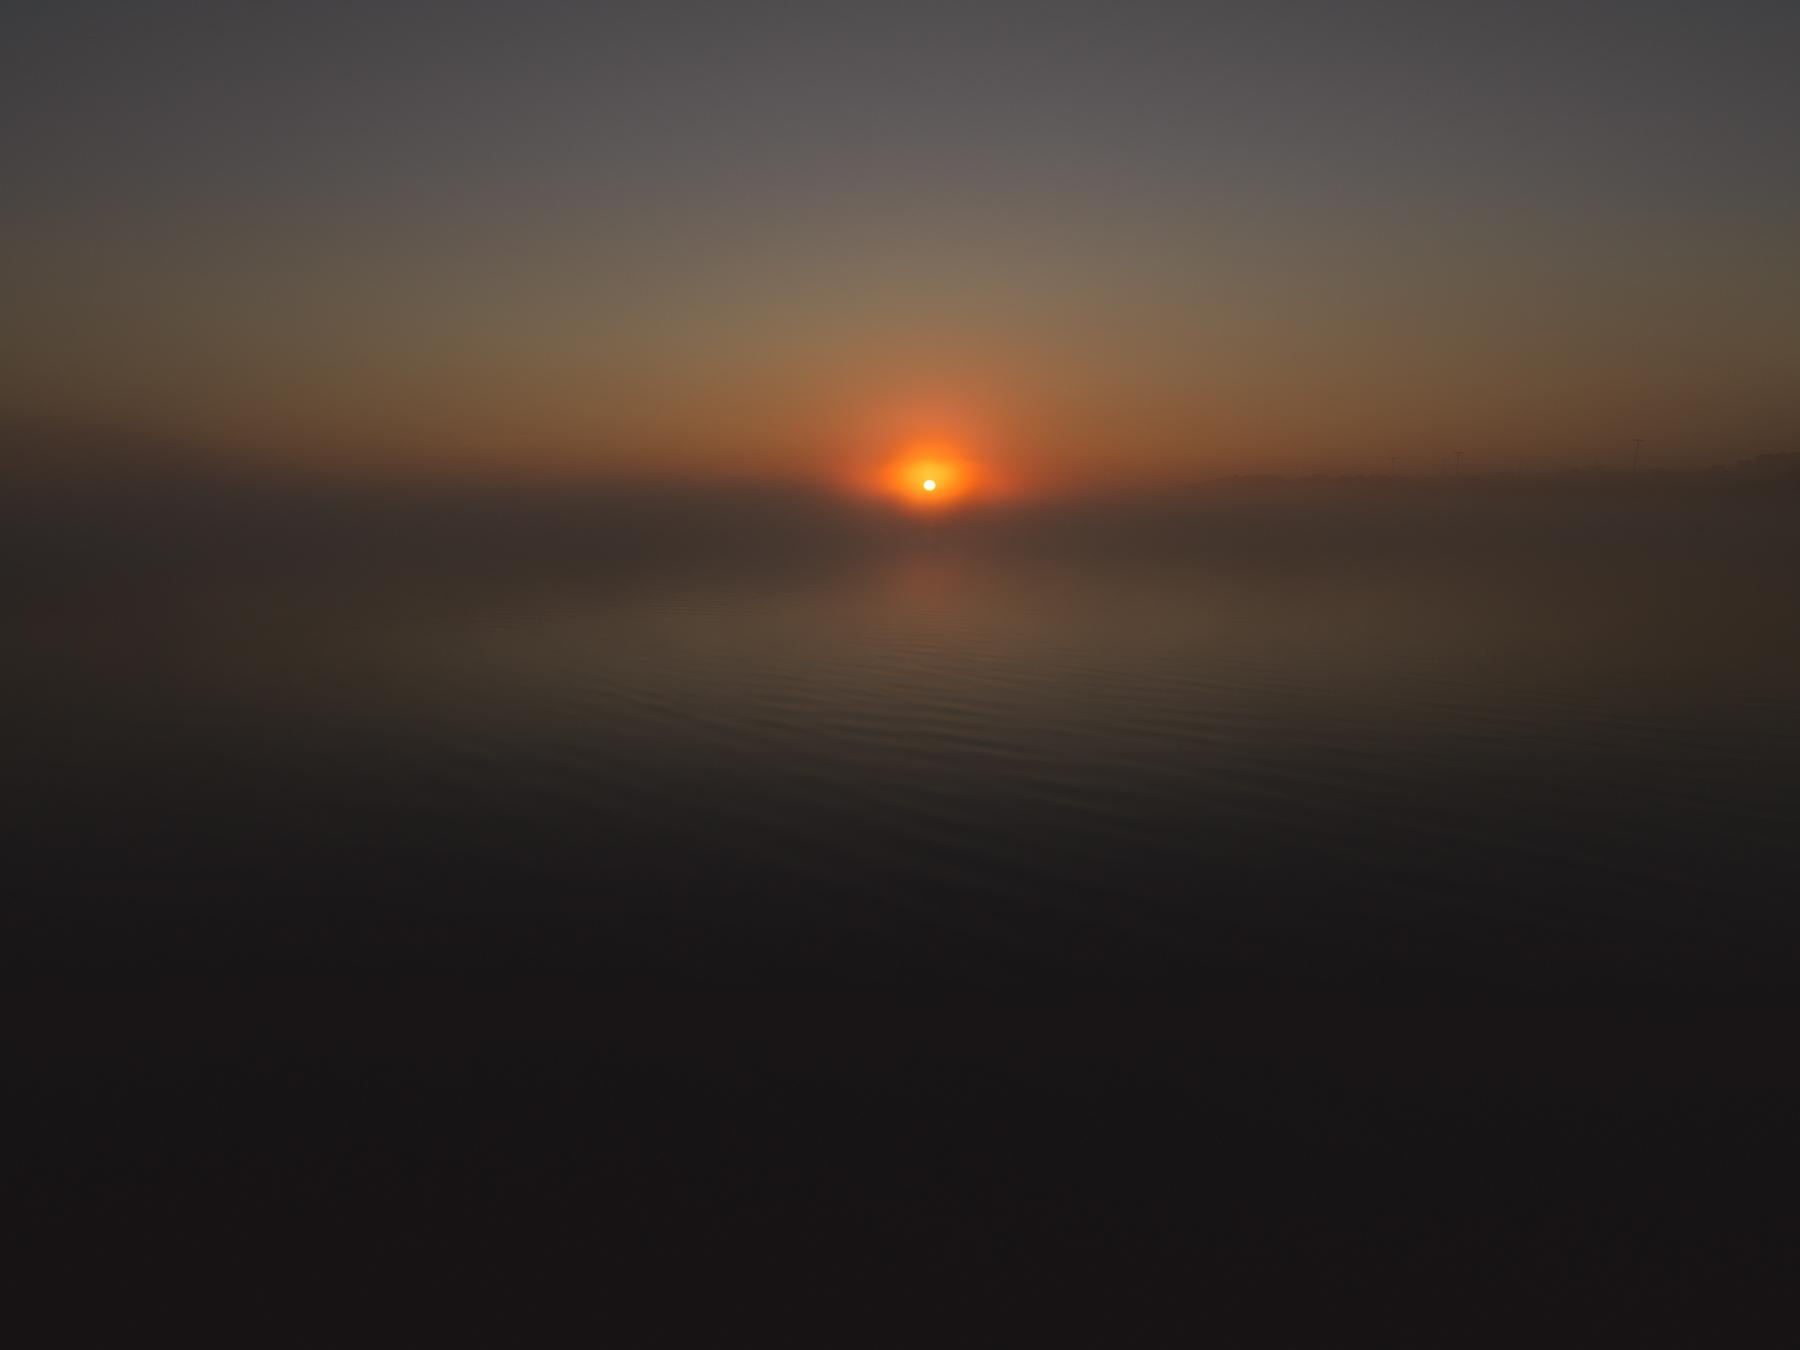 Daybreak at Sesachacha Pond